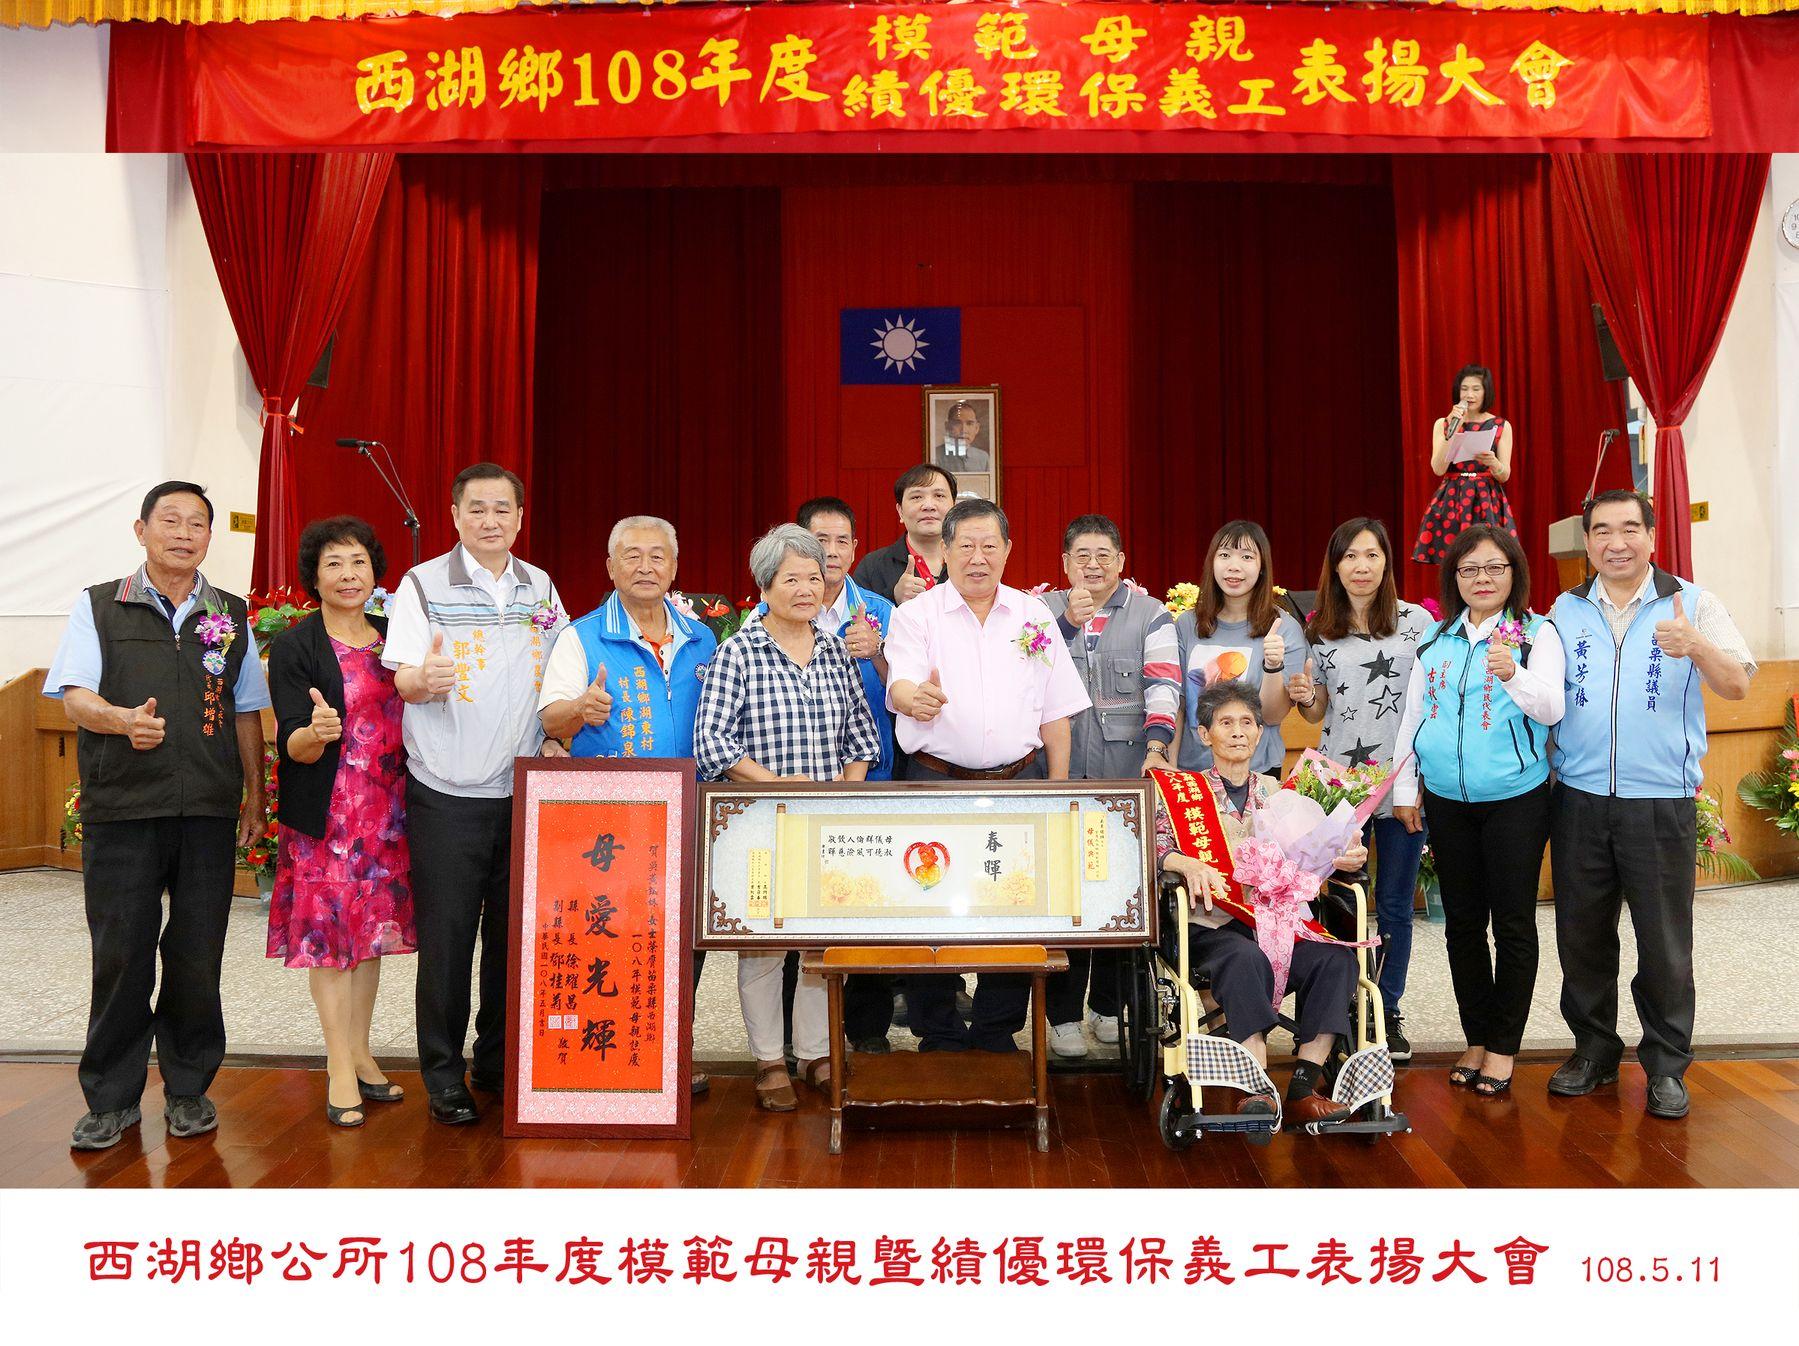 108年度模範母親暨績優環保義工表揚大會